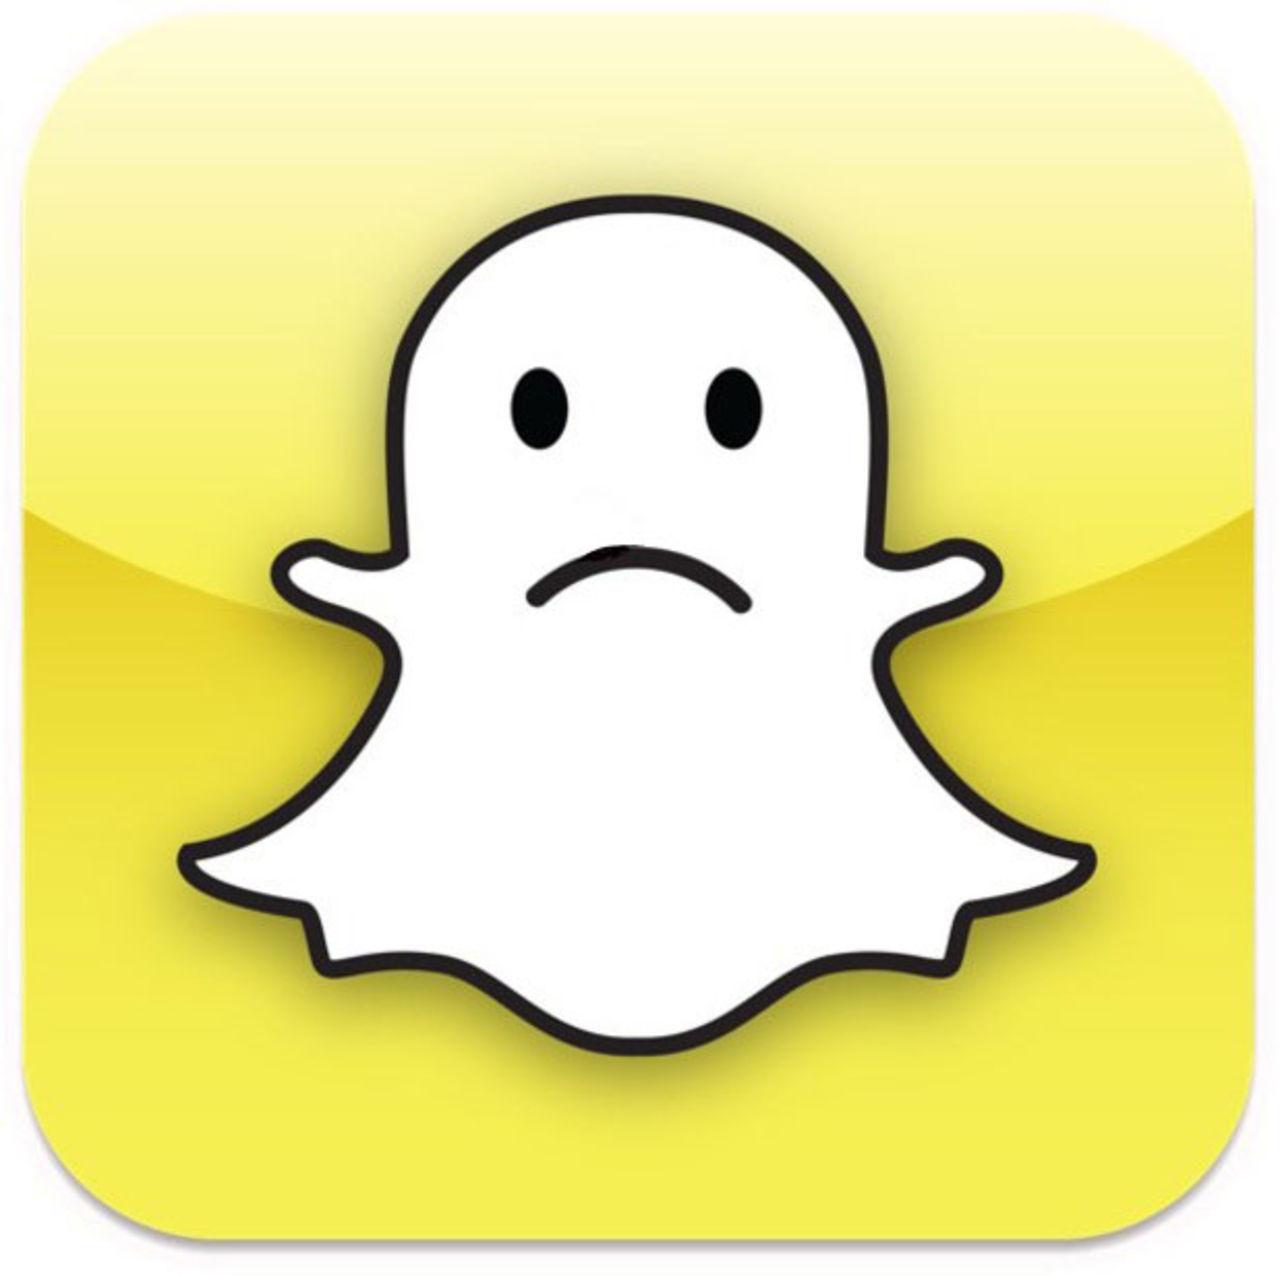 Snapchat avråder från icke godkända tredjepartstjänster